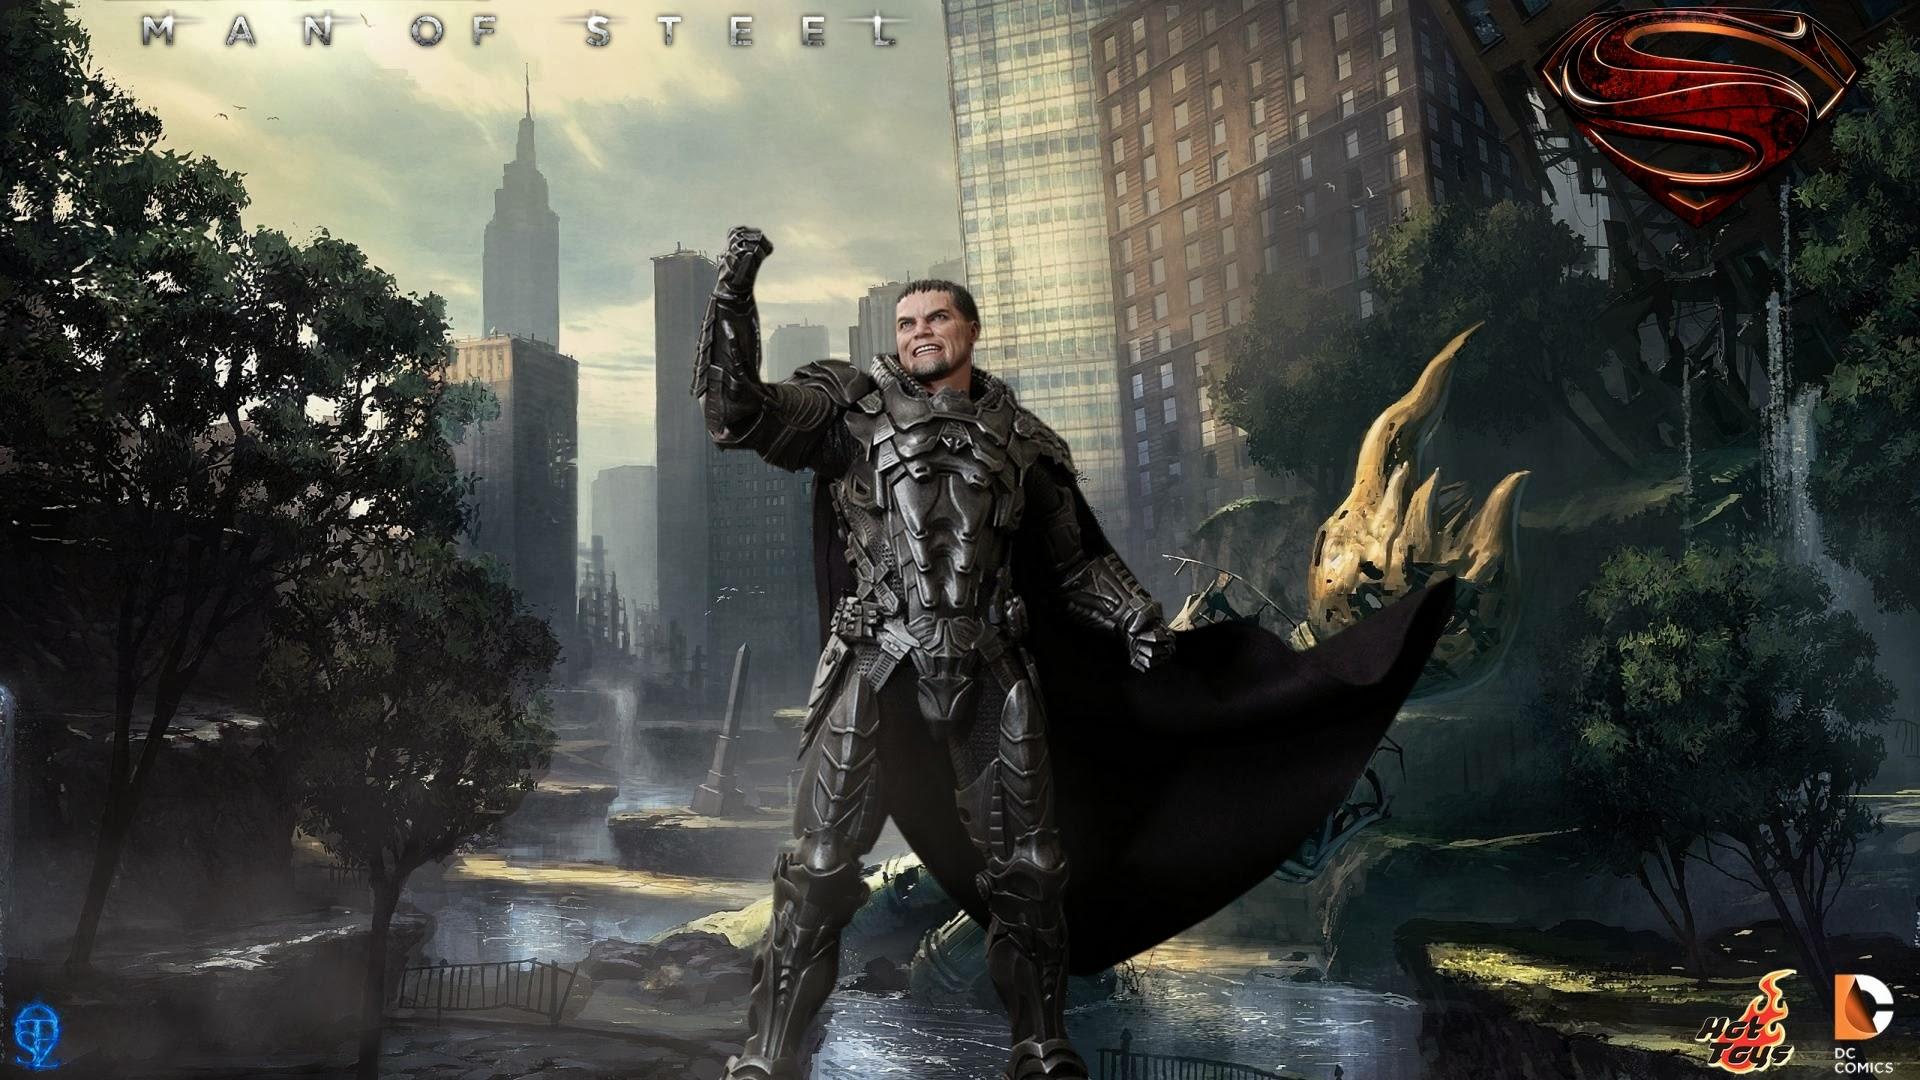 Man of steel wallpaper zod